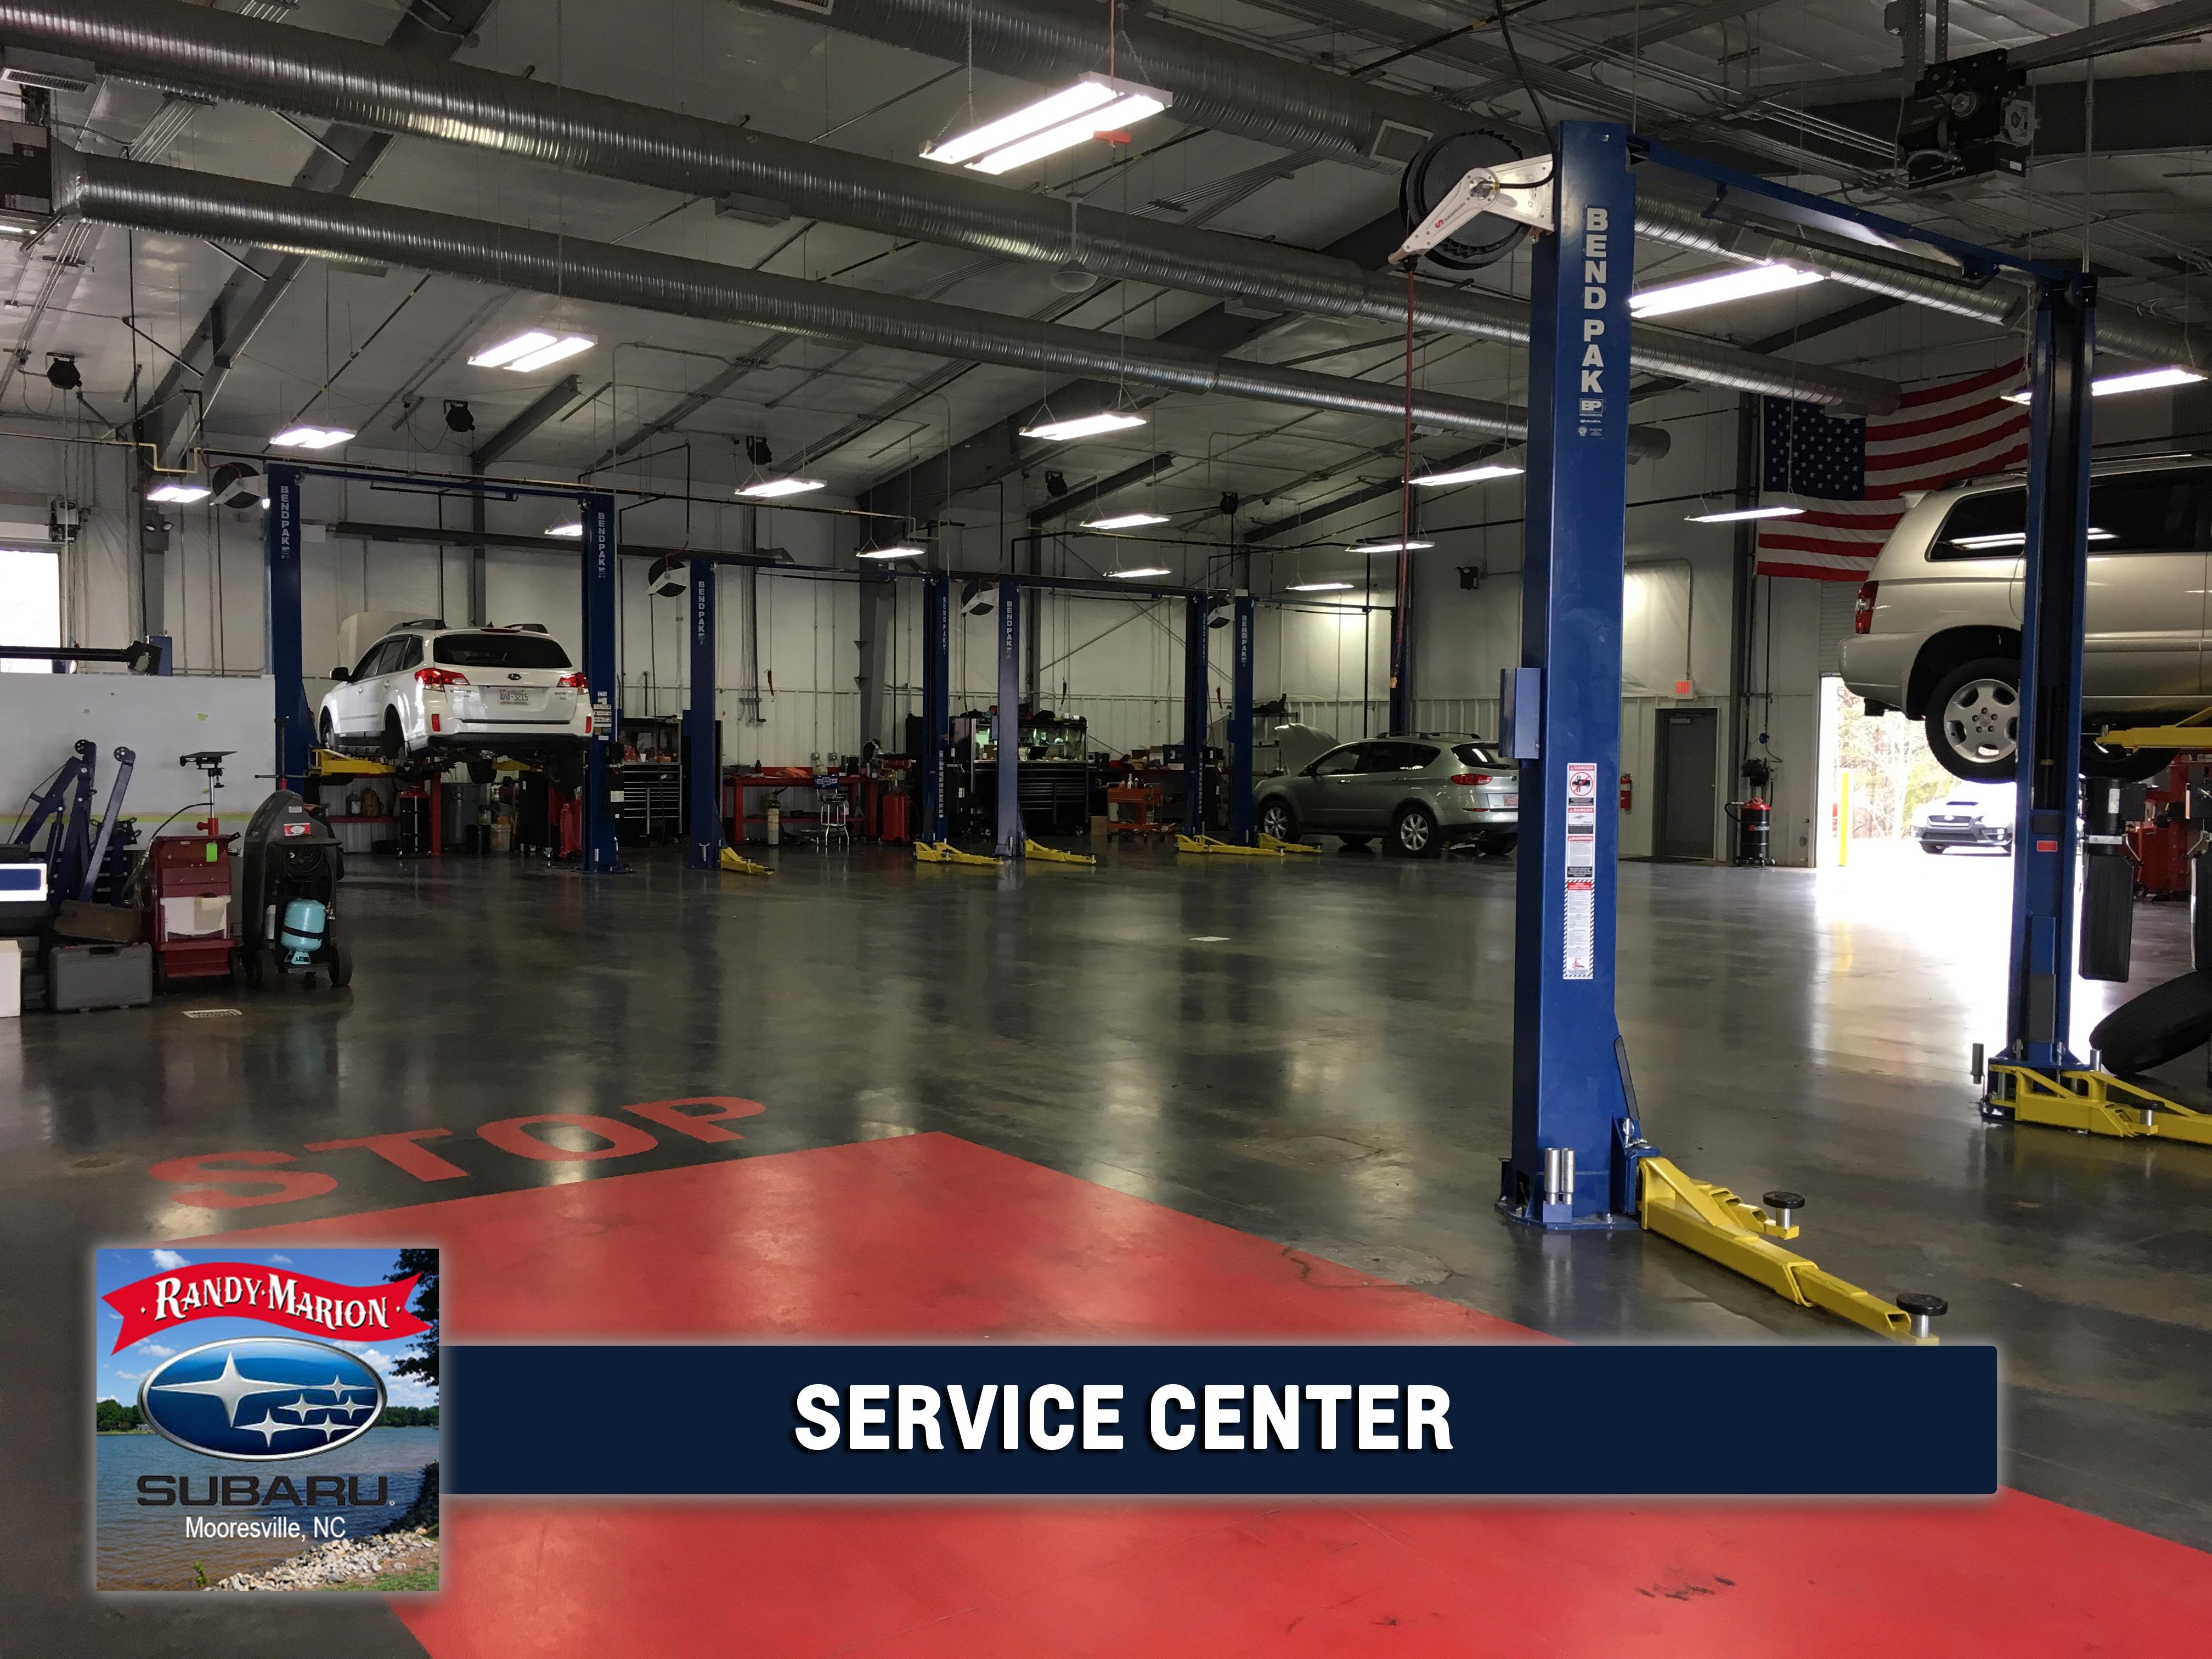 Subaru Auto Repair & Service in Mooresville near Charlotte & Concord NC